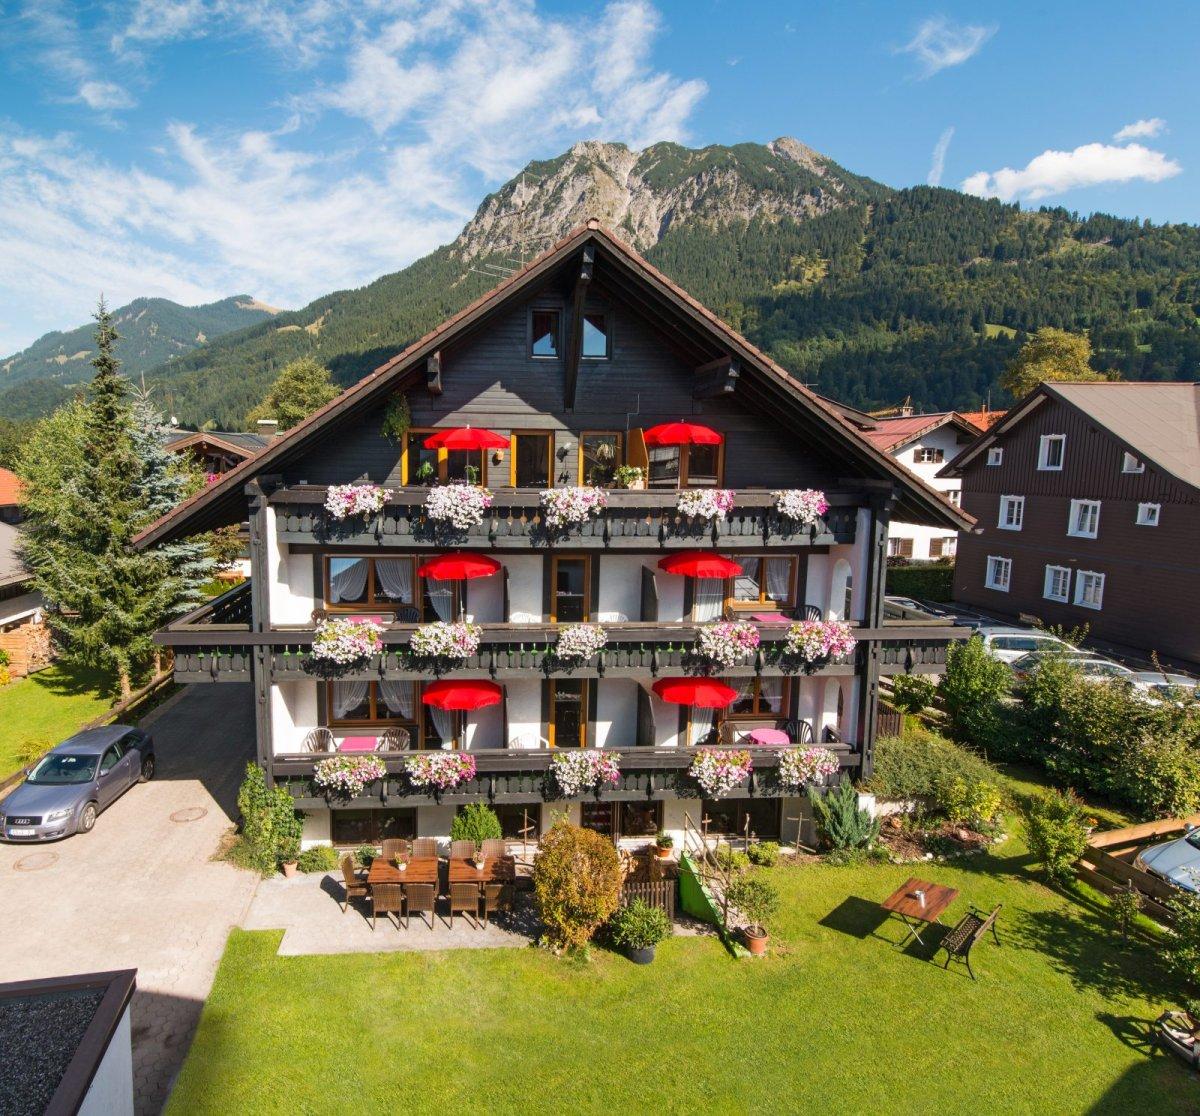 Haus Seeblick Hotel Garni Ferienwohnungen: Gästehaus Carola